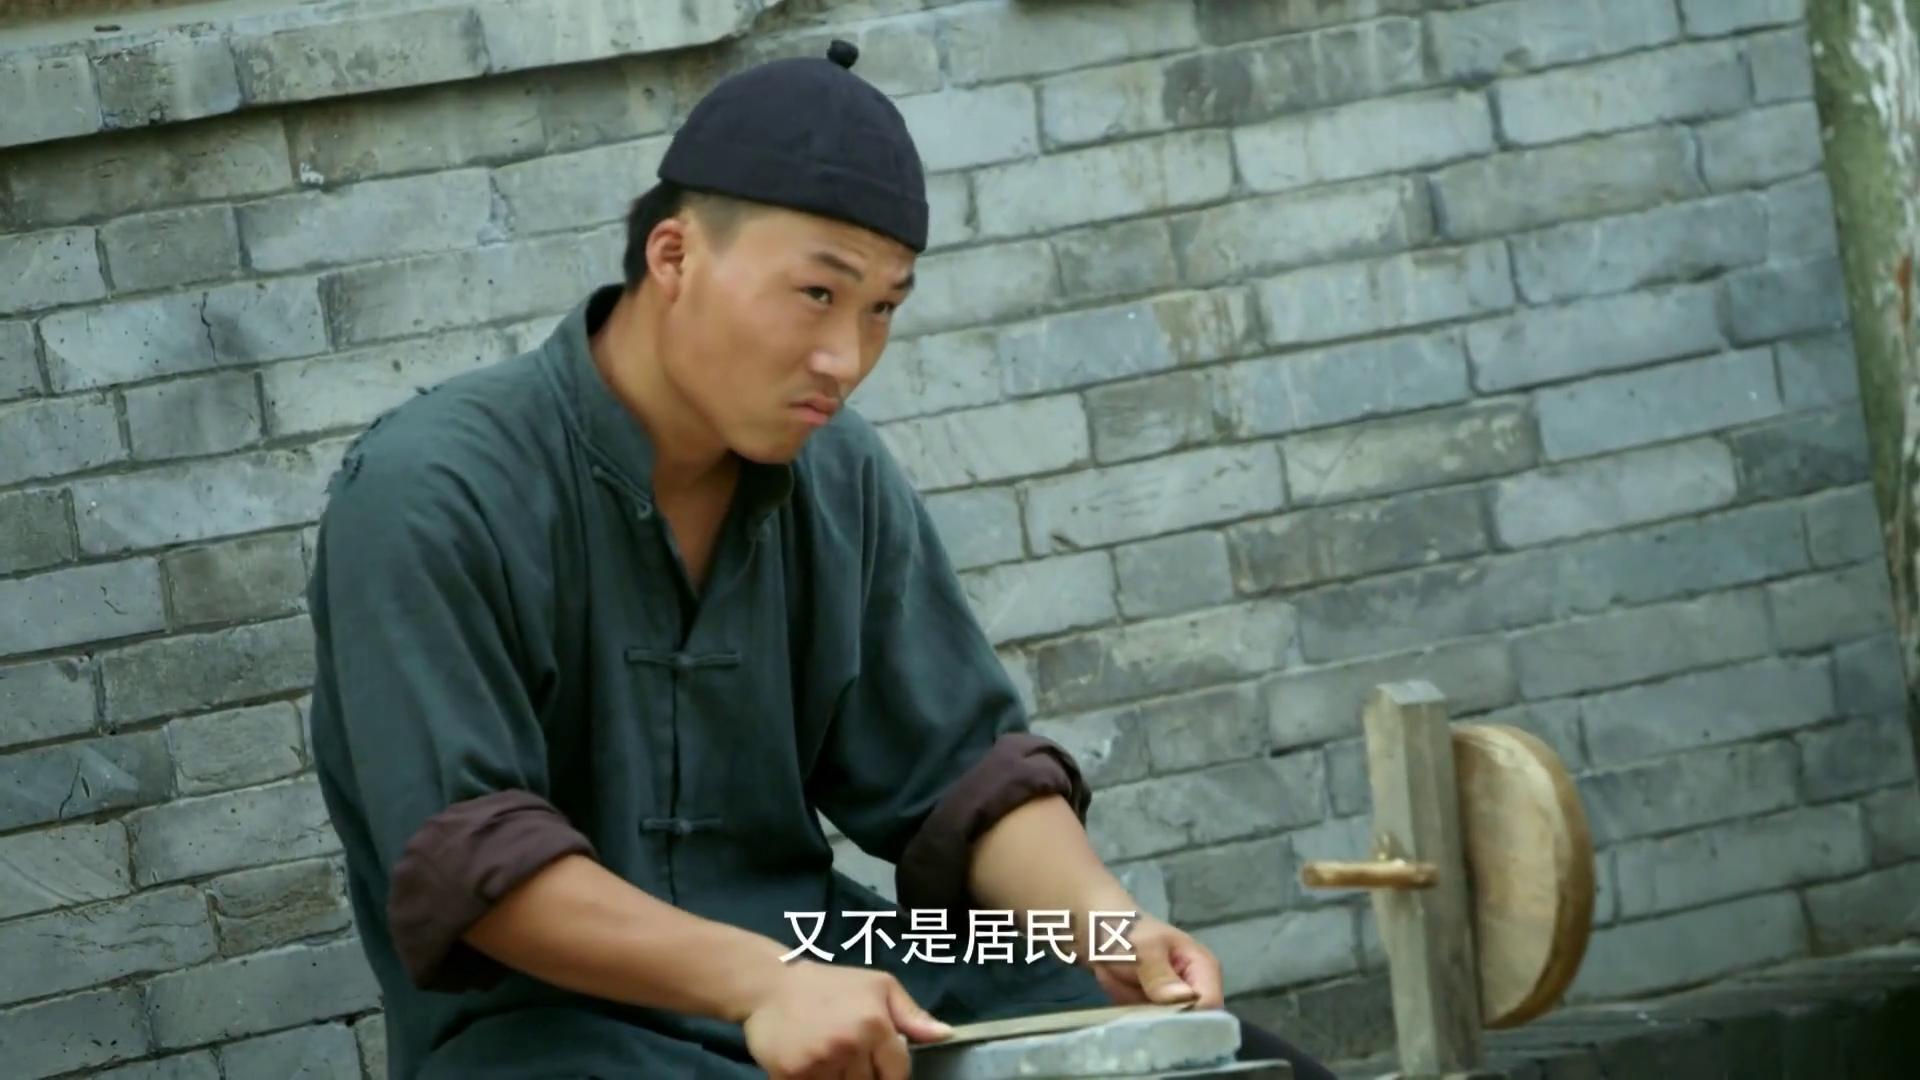 《飞哥战队》-第30集精彩看点 梁飞查工厂图纸 入山本致命陷阱